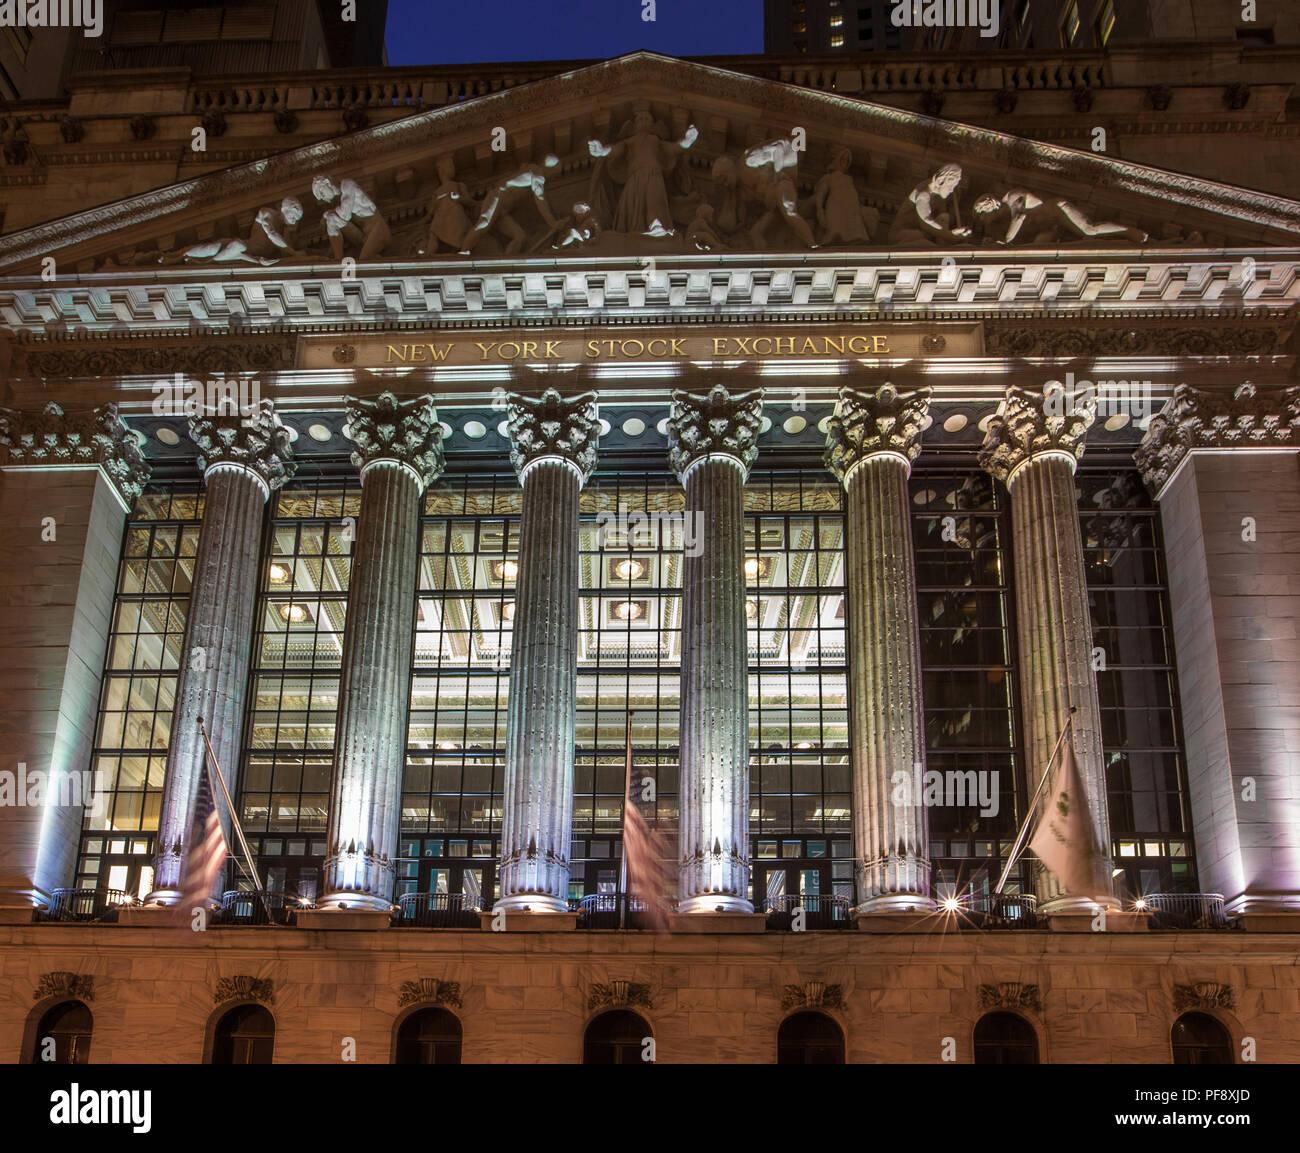 Newyork Stock Exchange Stock Photos & Newyork Stock Exchange